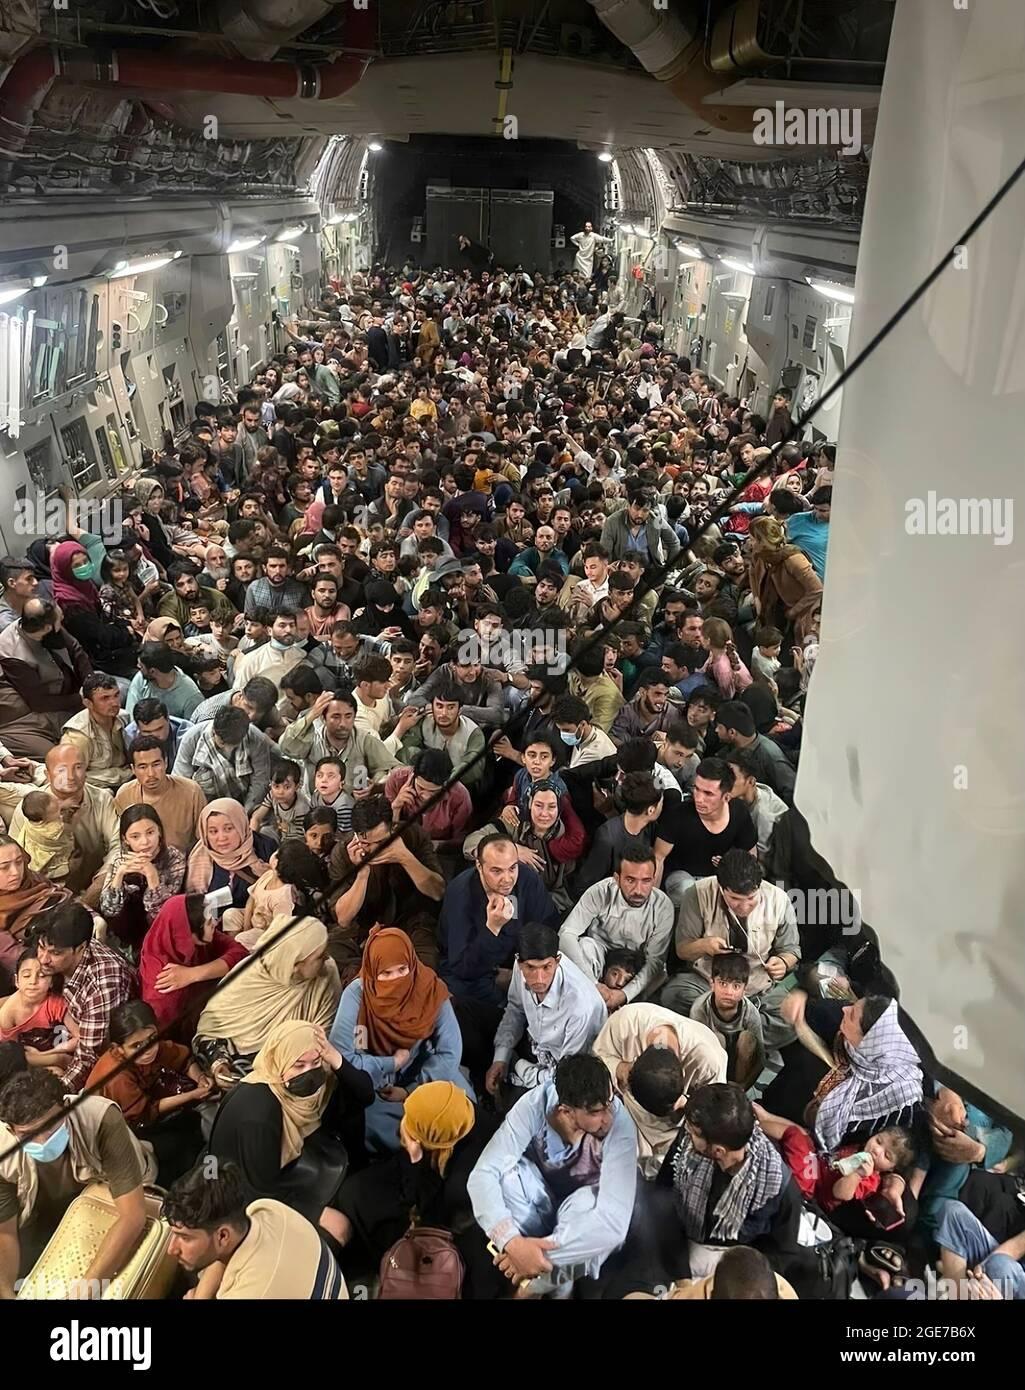 Mission Rufzeichen ' REACH 871 ', EINE US C-17 ist mit 640 Afghanen geladen, die versuchen, den Taliban zu entkommen. Eine US-Luftwaffe C-17 Globemaster III transportierte am 15. August 2021 rund 640 afghanische Staatsbürger sicher vom Hamid Karzai International Airport. Stockfoto